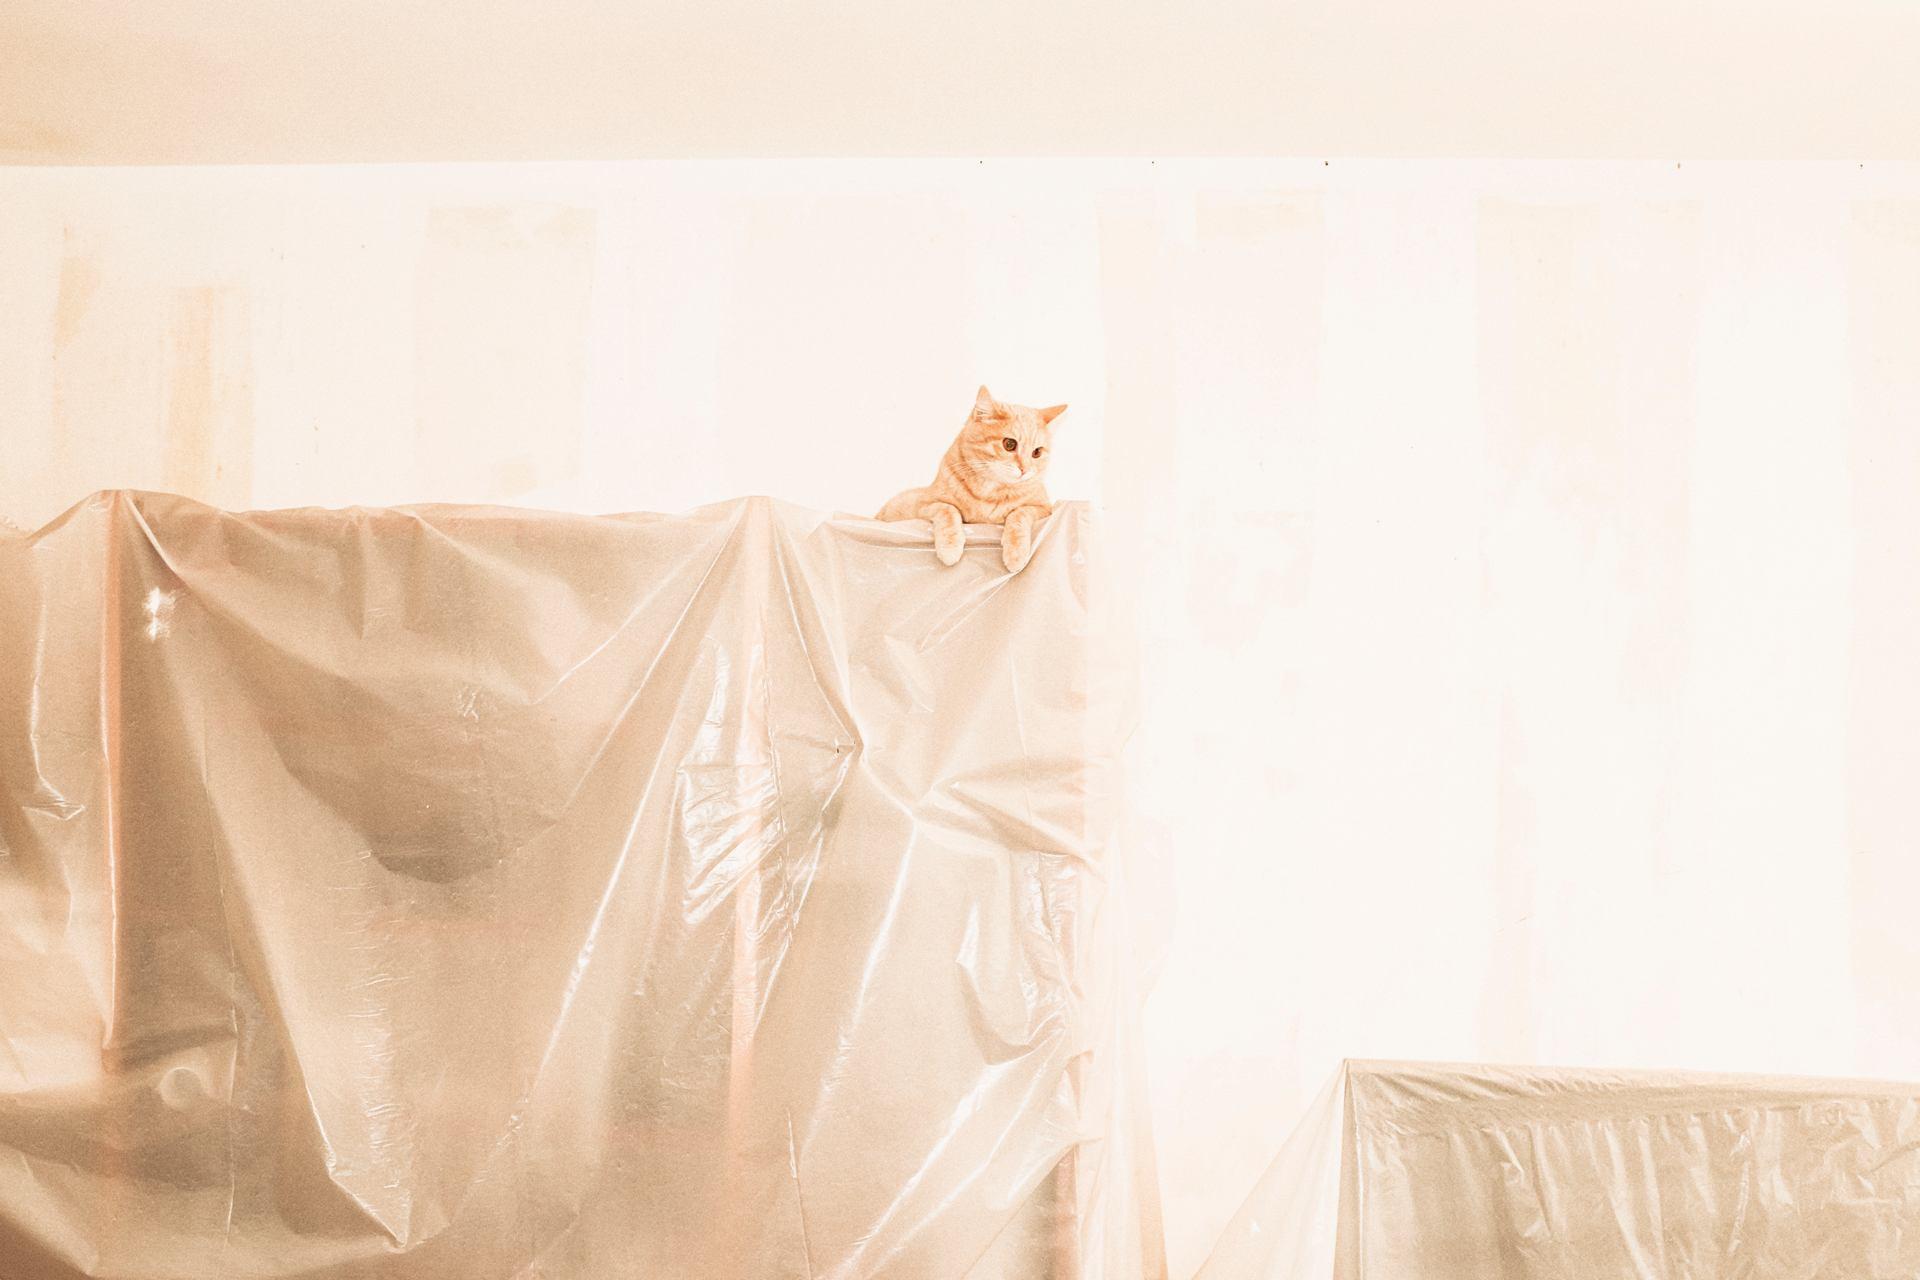 Le chat 2